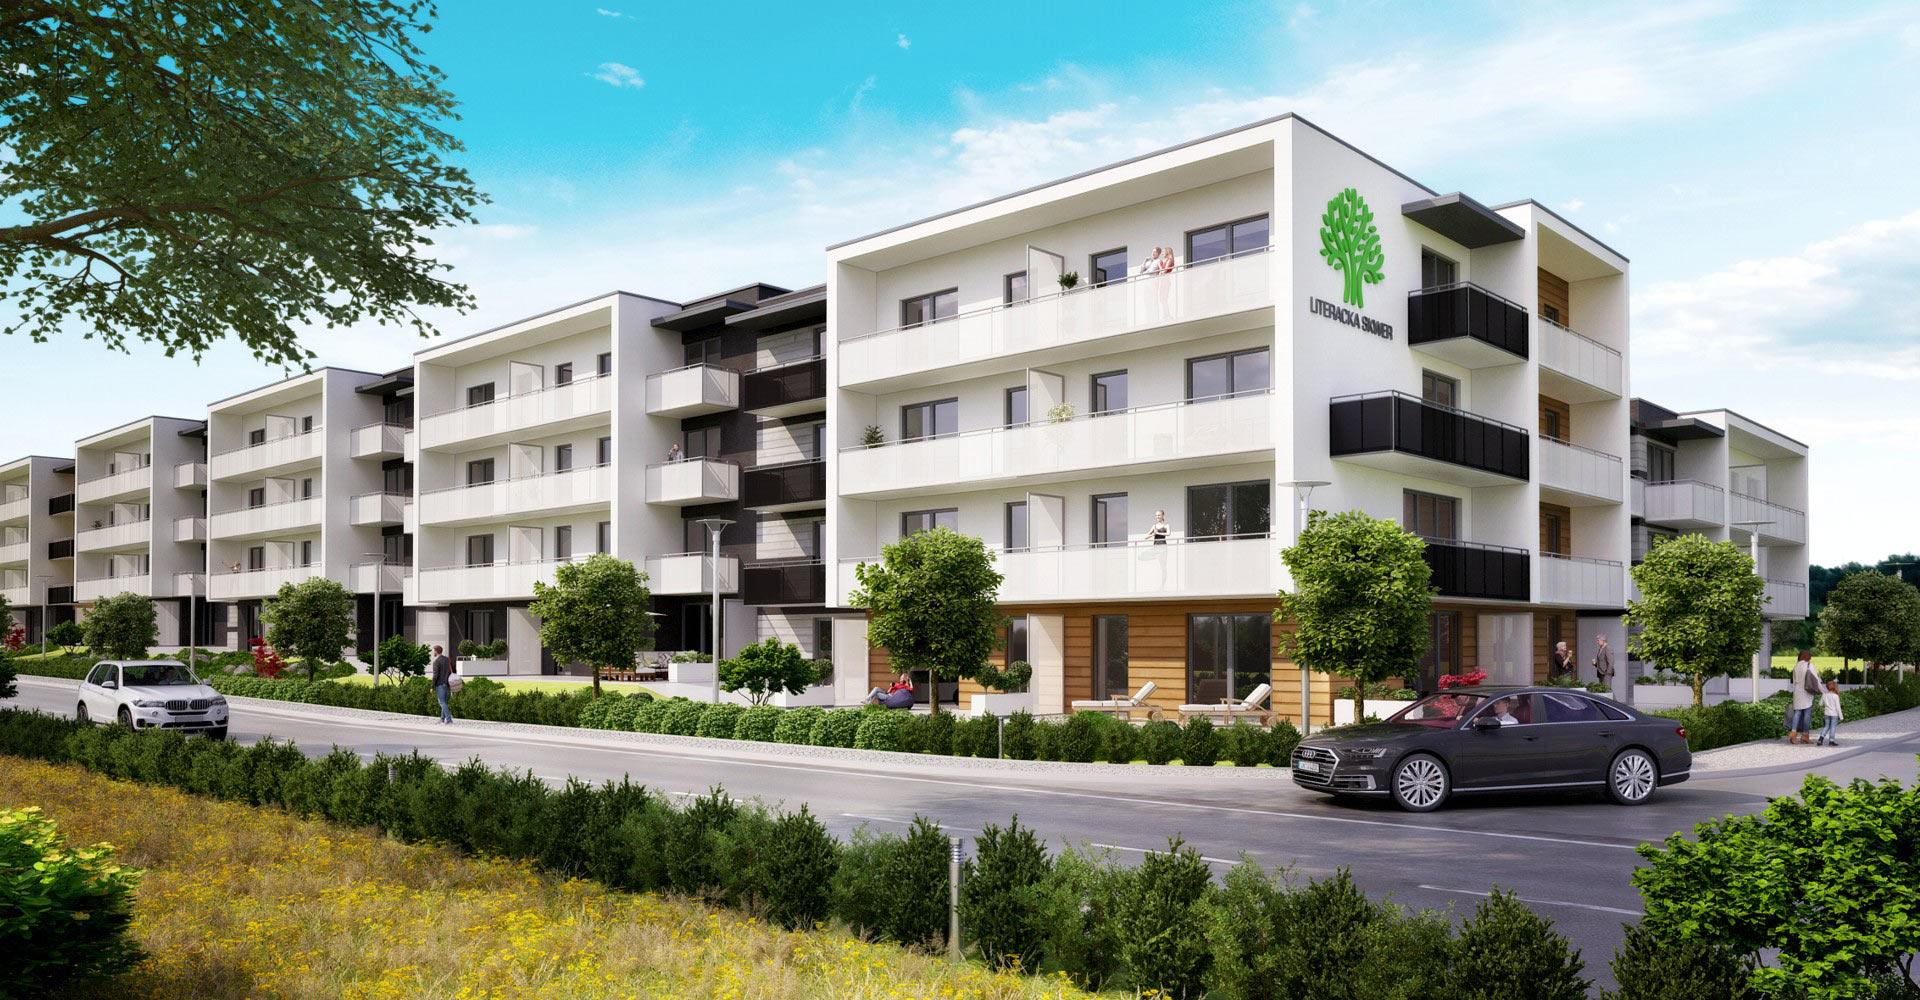 Nowe mieszkania - najlepsze lokalizacje